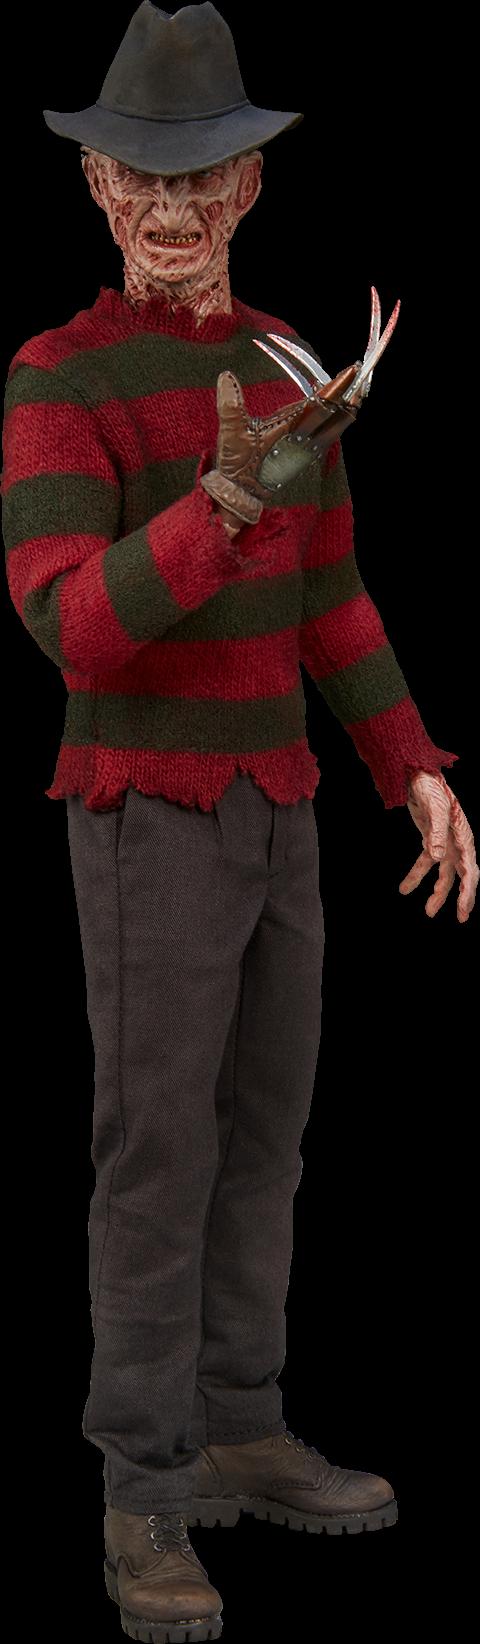 Freddy PlusPng.com  - Freddy Krueger PNG